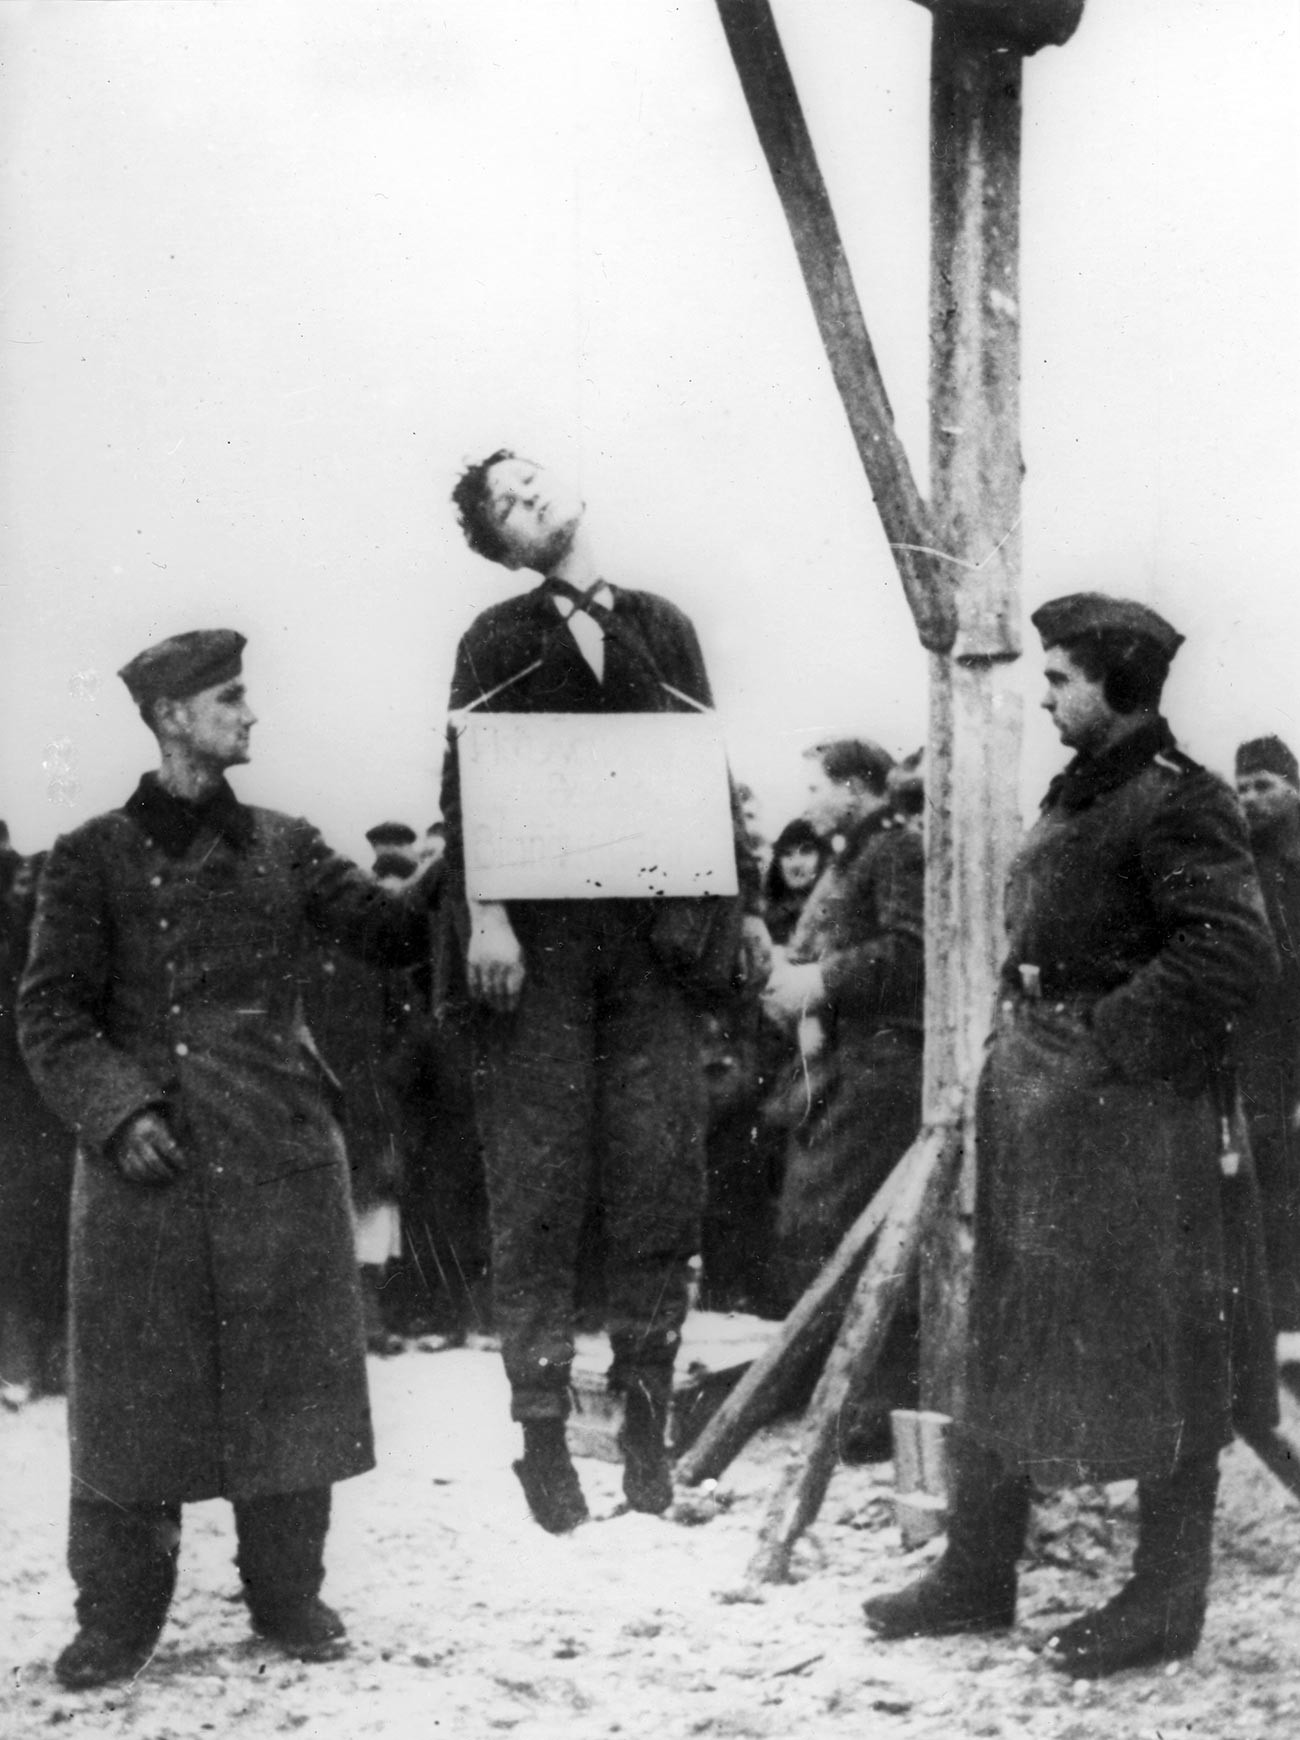 Execution of Soviet saboteur Zoya Kosmodemyanskaya.